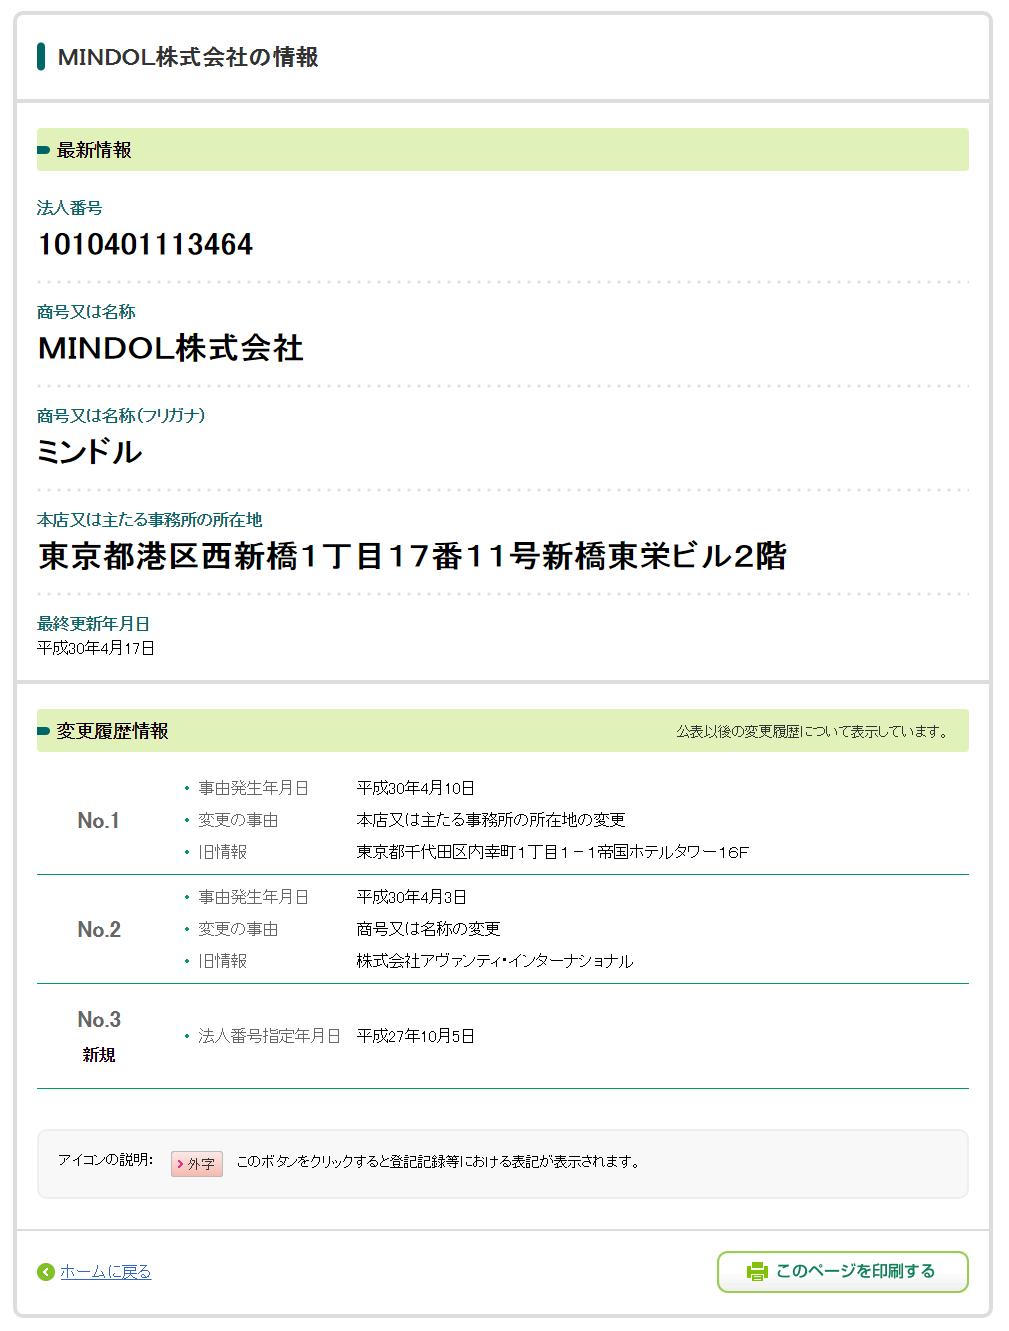 法人番号検索サイト「MINDOL」